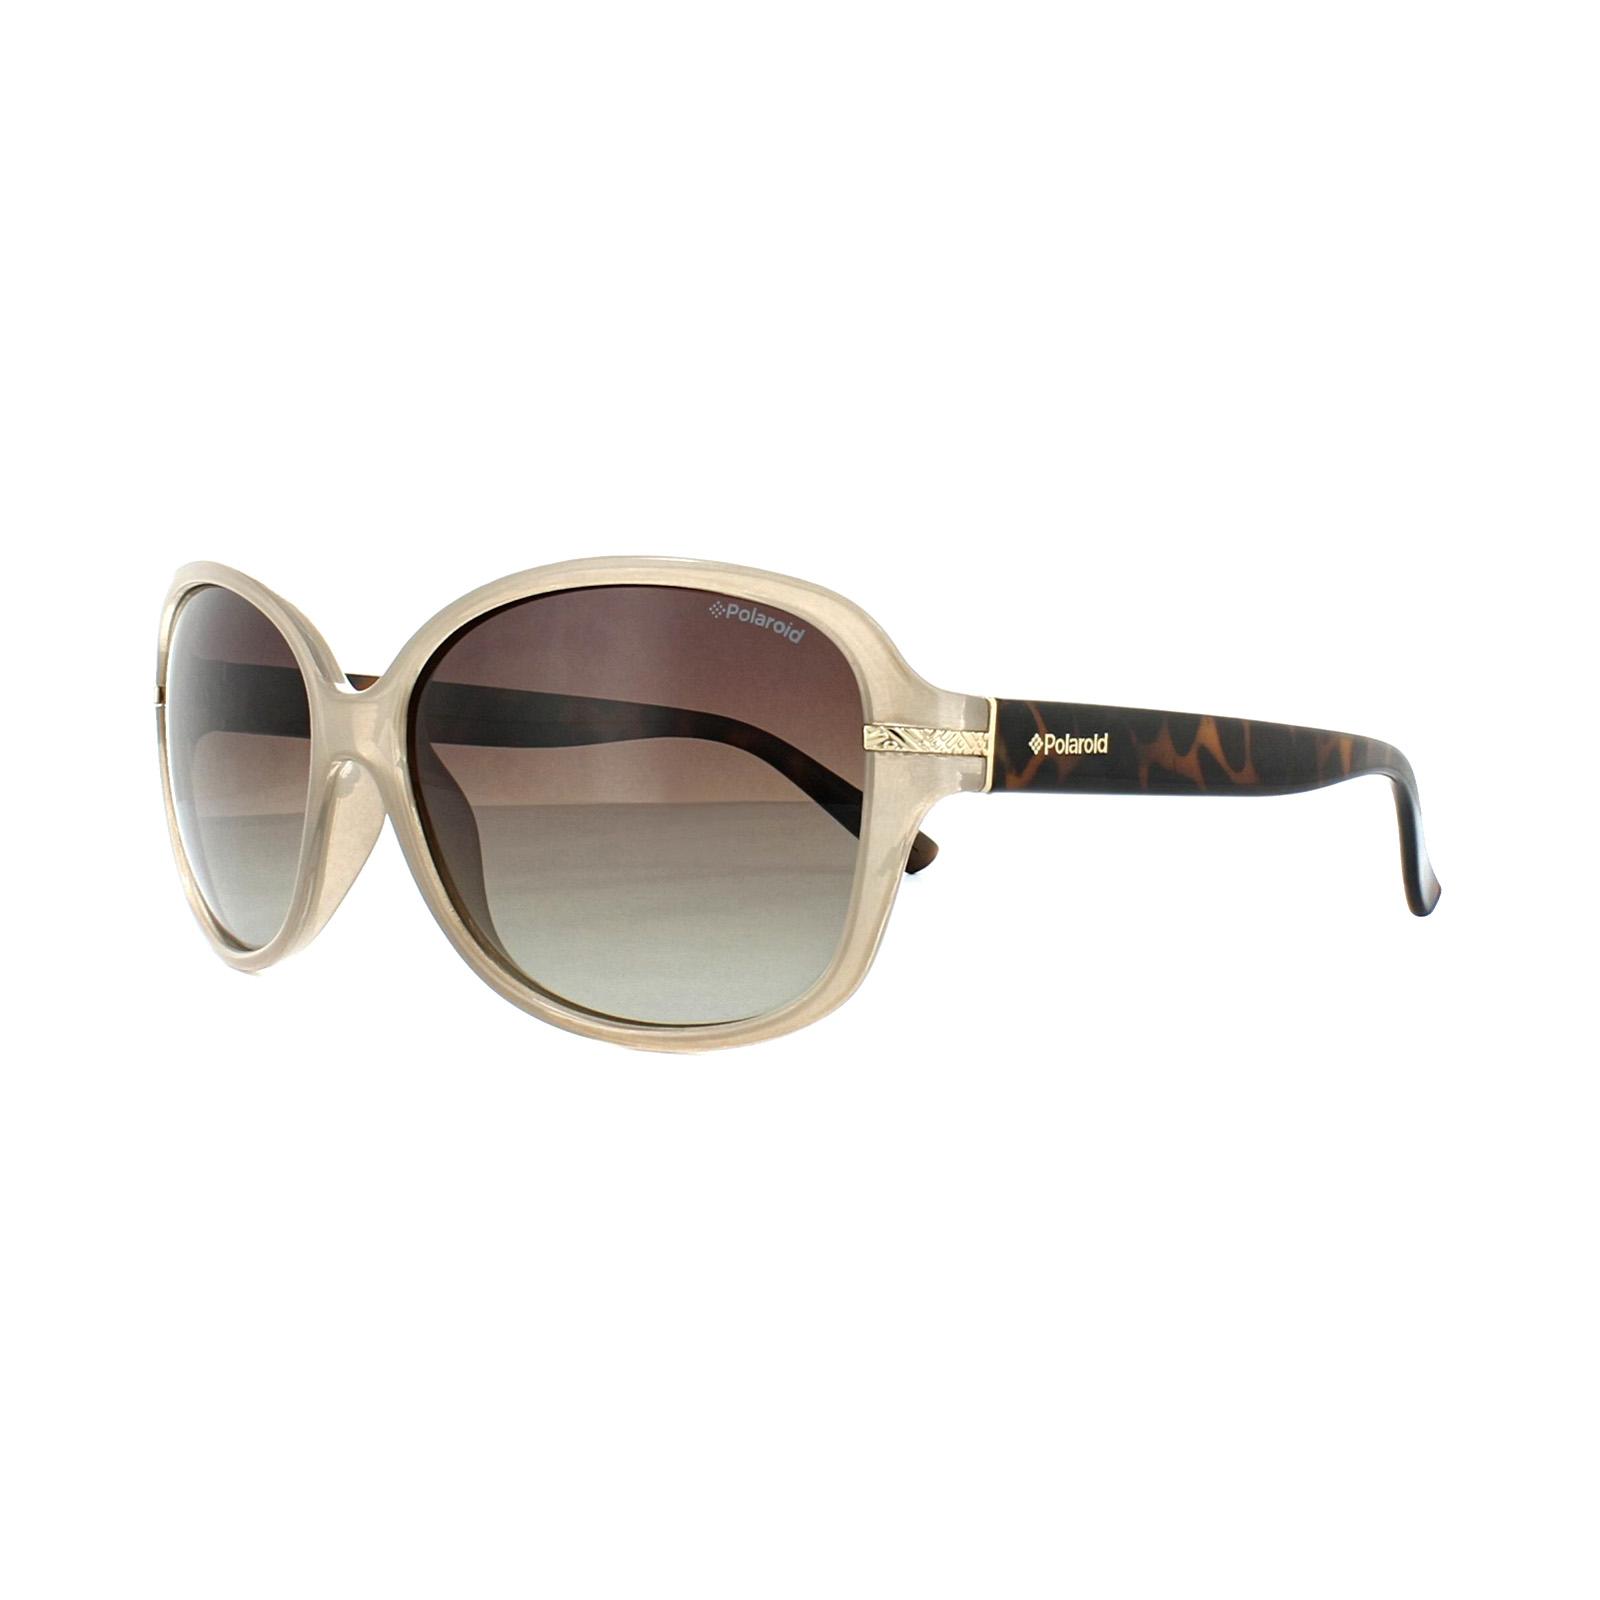 34b70be039 Details about Polaroid Sunglasses P8419 10A LA Beige Havana Brown Gradient  Polarized